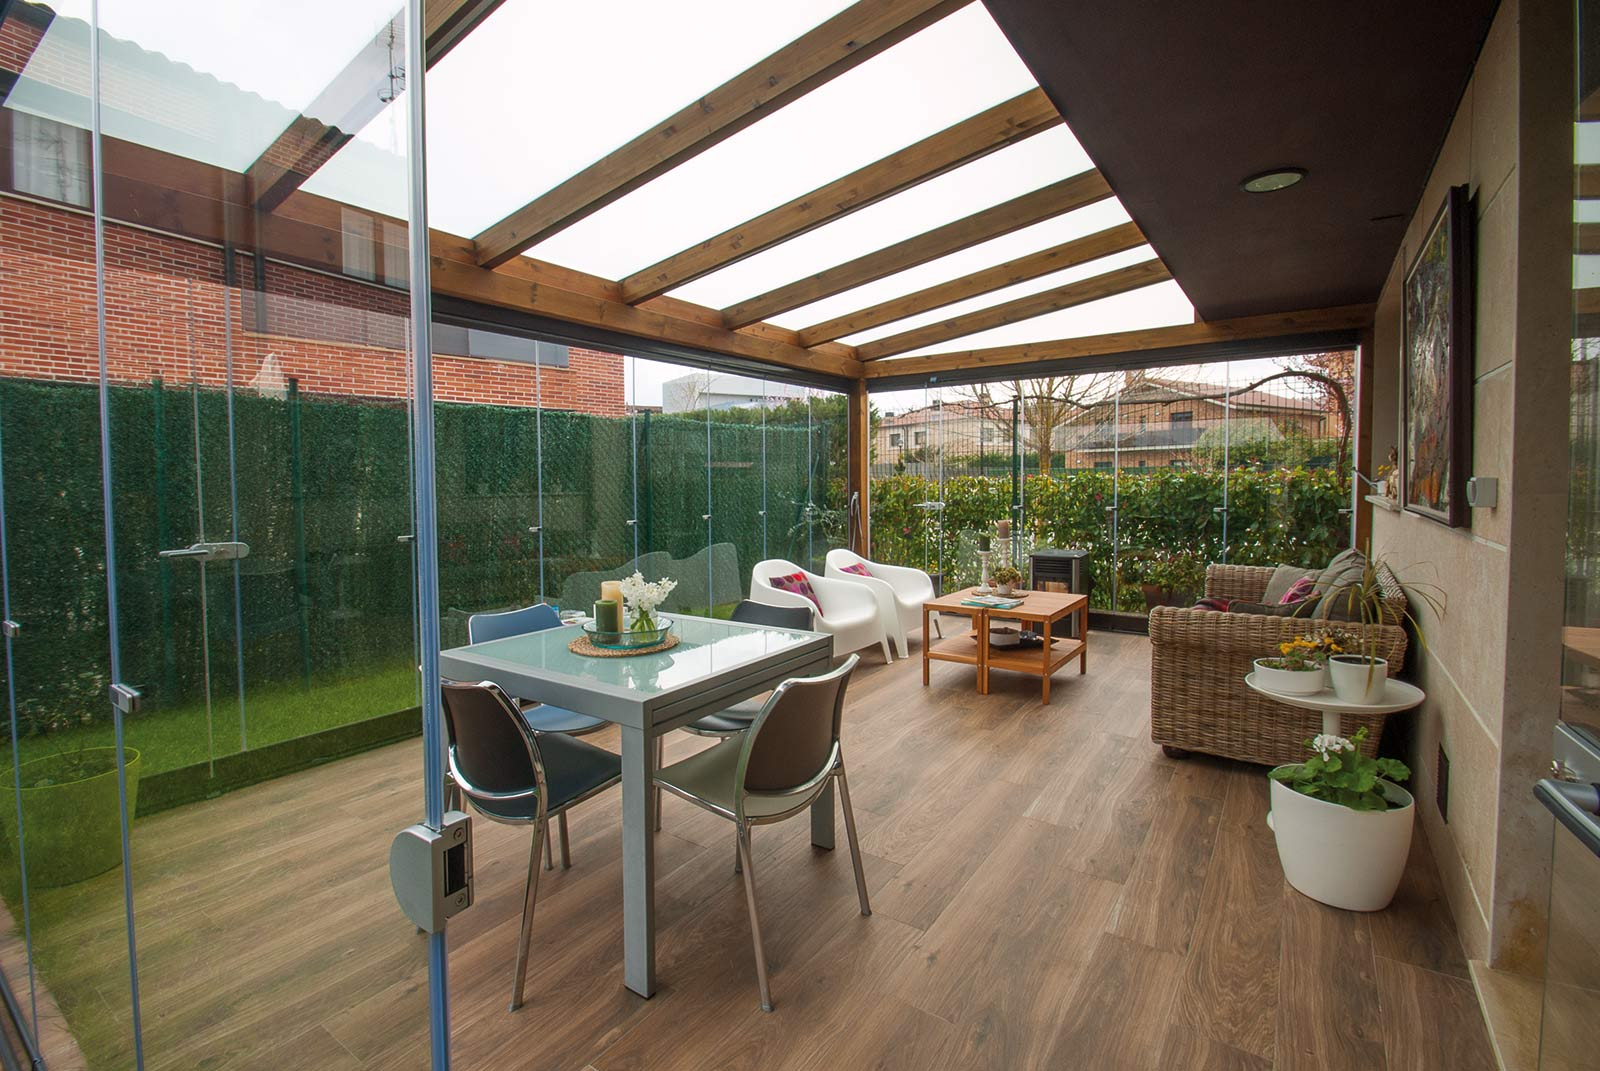 porche-jardin-madera-cristal-lumon-cerrado-abierto-3